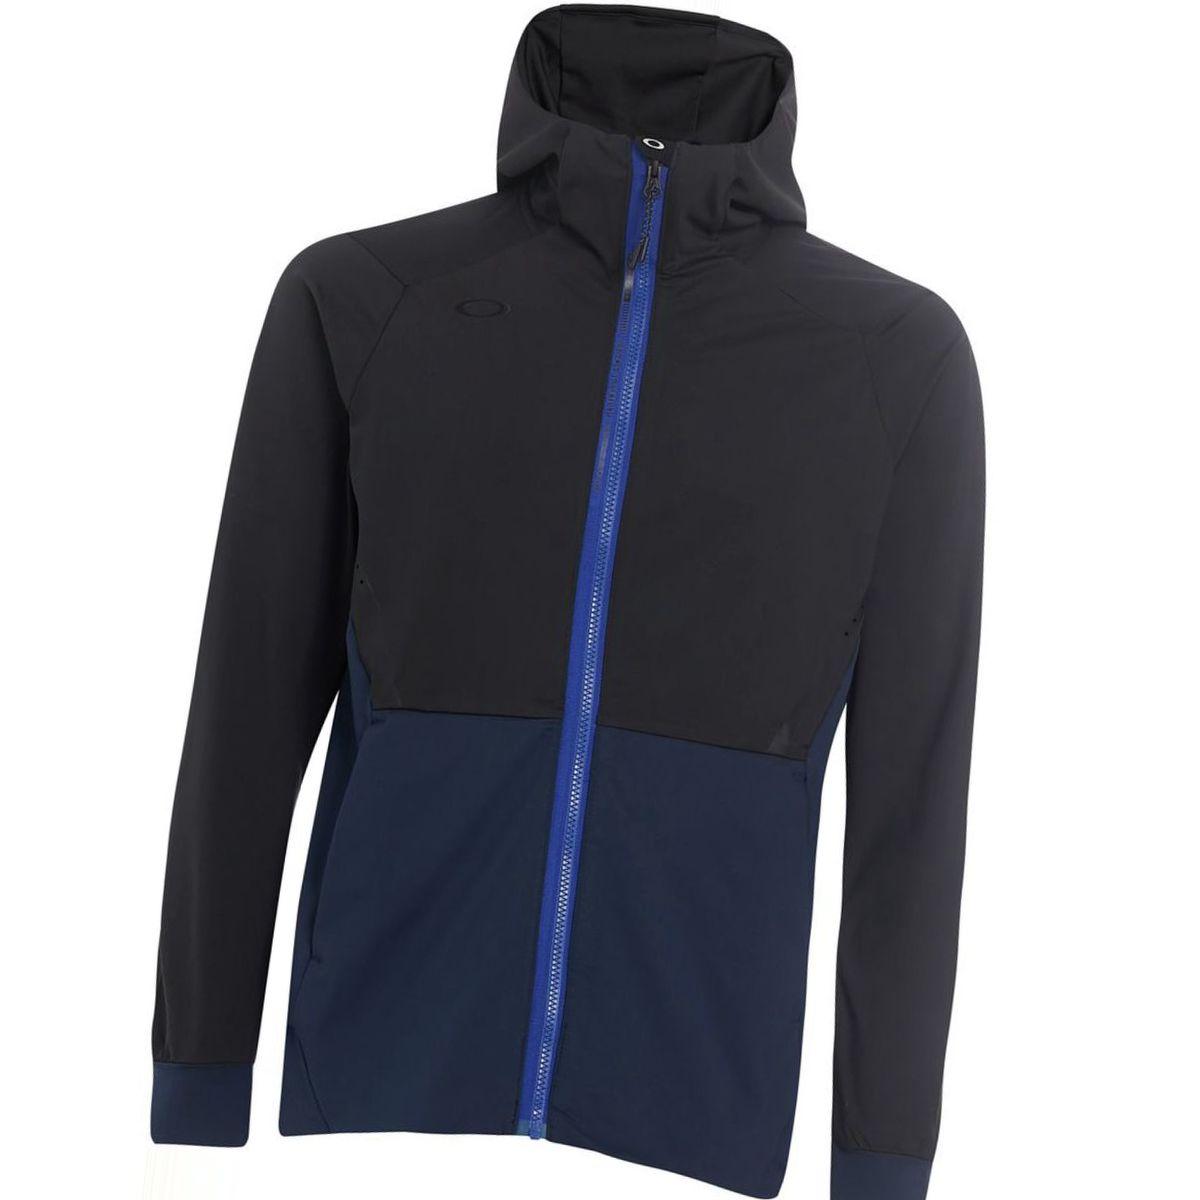 Oakley 3rd-G Zero Form 2.0 Jacket - Men's